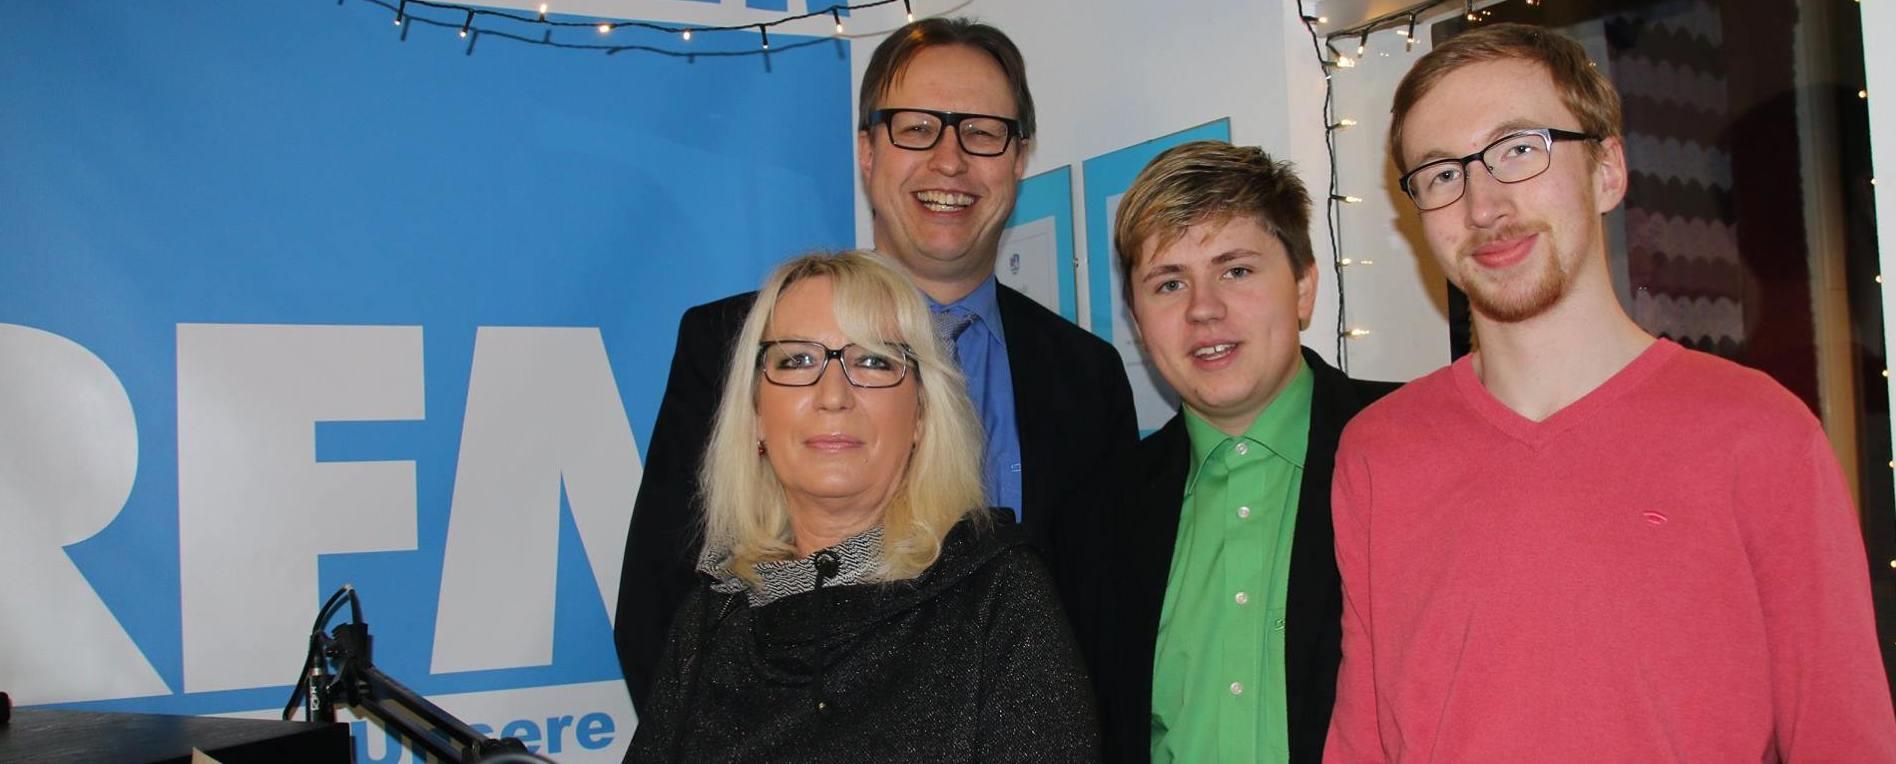 Jutta Thiele und Manfred Lister von der FDP zu Gast bei Jakob Mayer und Lukas Sennhenn von den 'Grünschnäbeln' (v.li.)